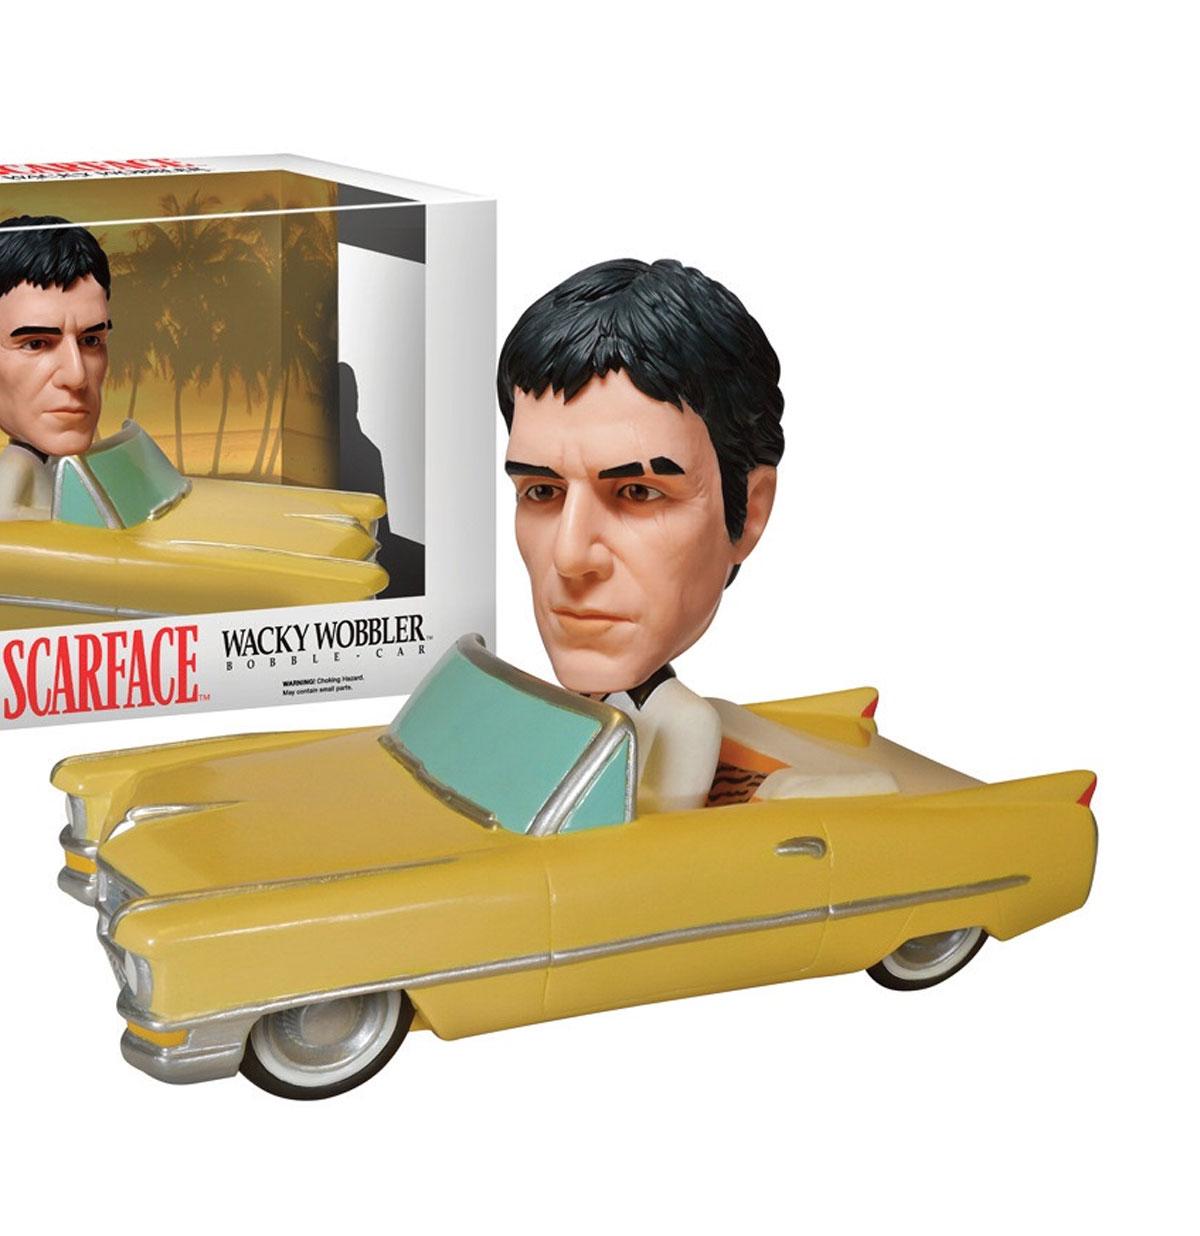 Scarface Tony in '64 Cadillac Convertible Wacky Wobble Rides